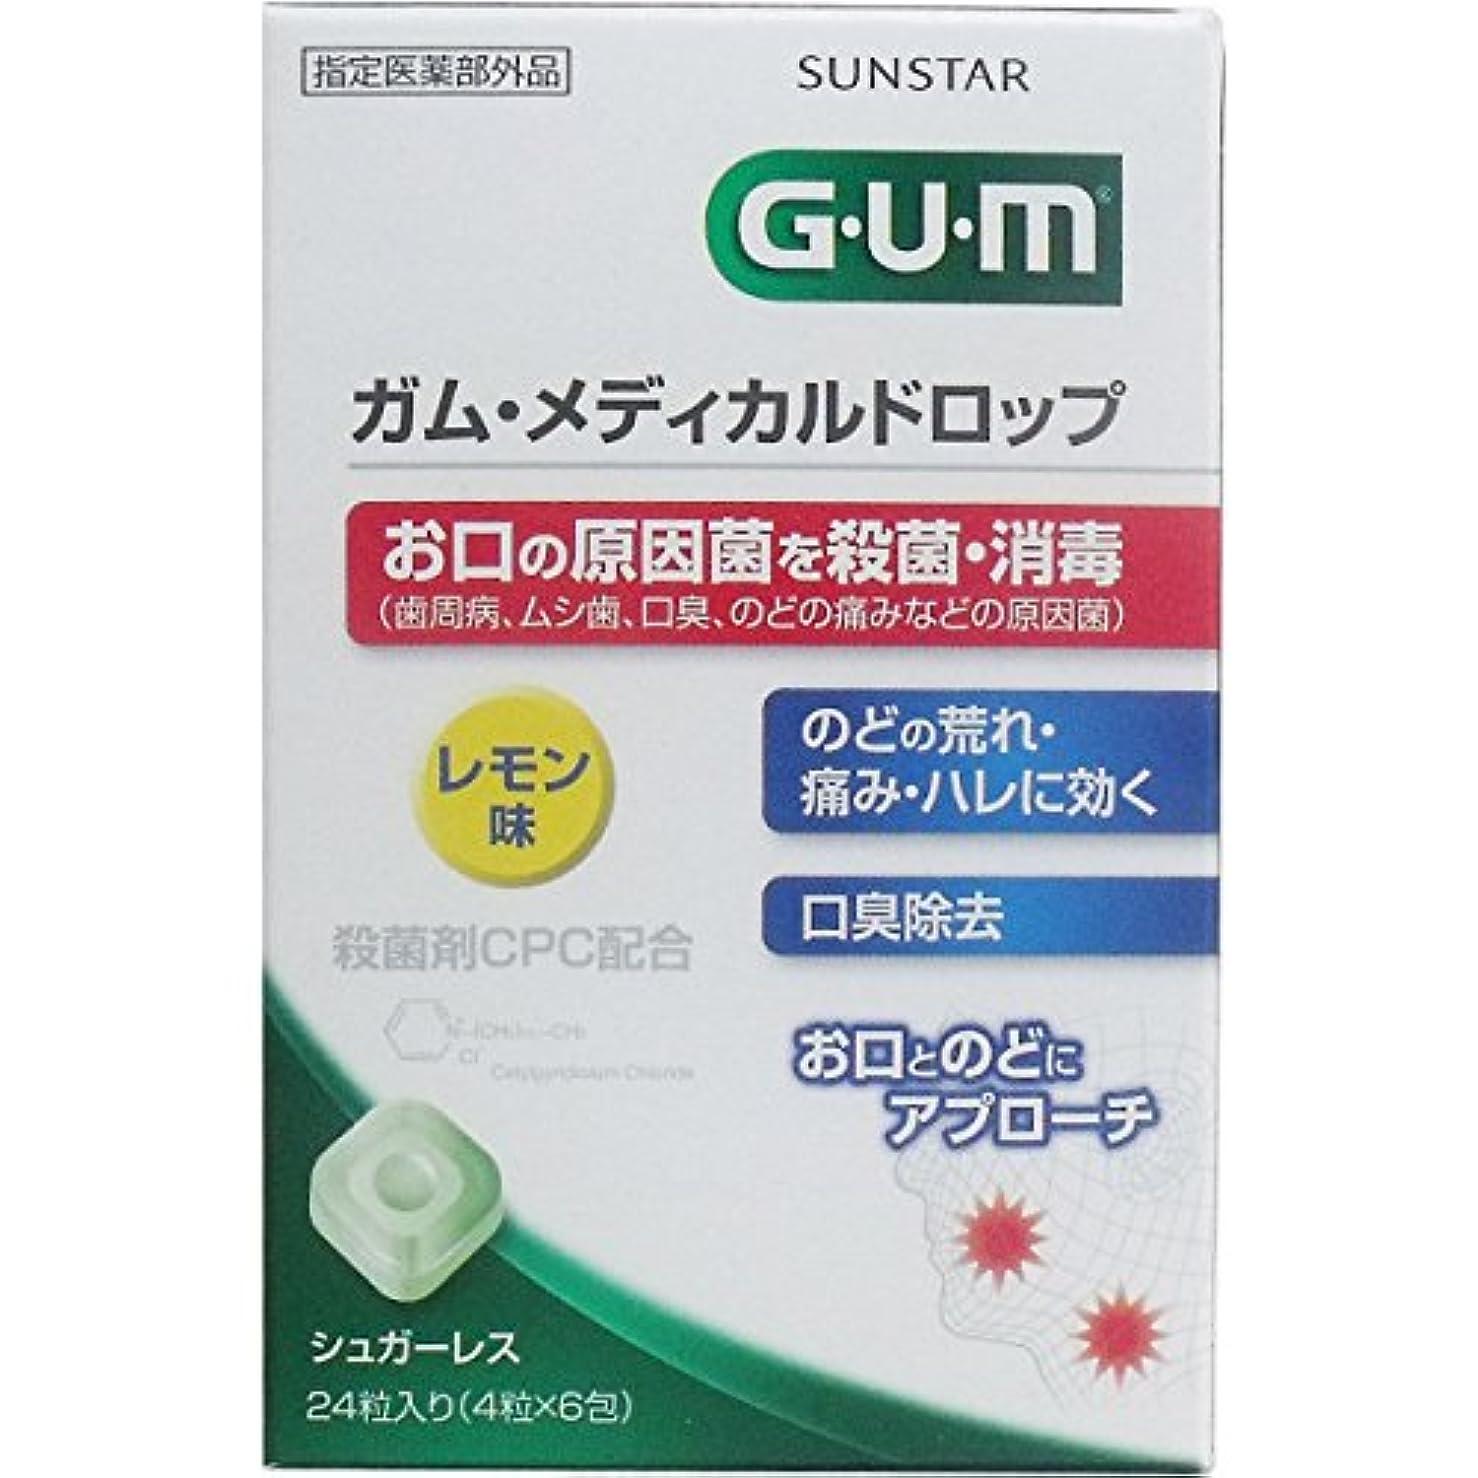 マトロンスキッパーケニア【5個セット】GUM(ガム) メディカルドロップ レモン味 24粒